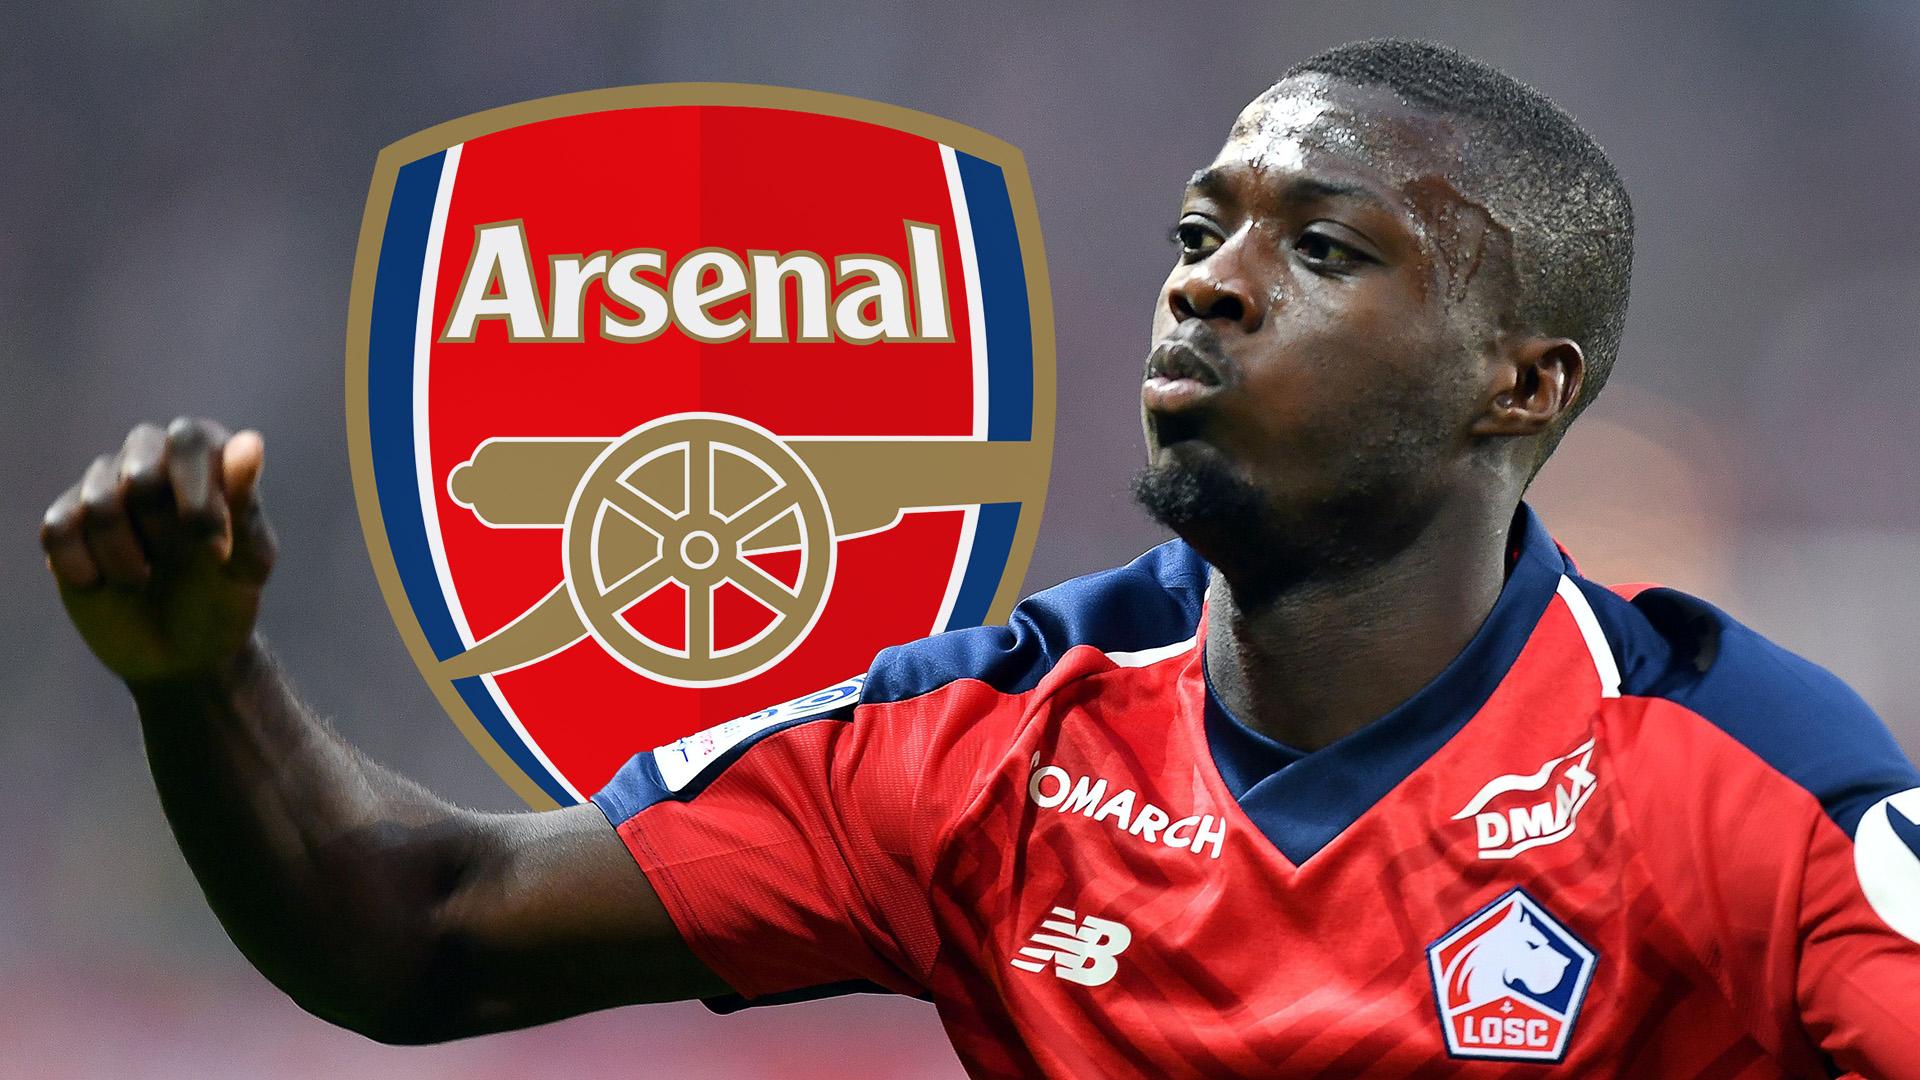 Arsenal ipo katika hatua za mwisho za kumsajili Nicolas Pepe